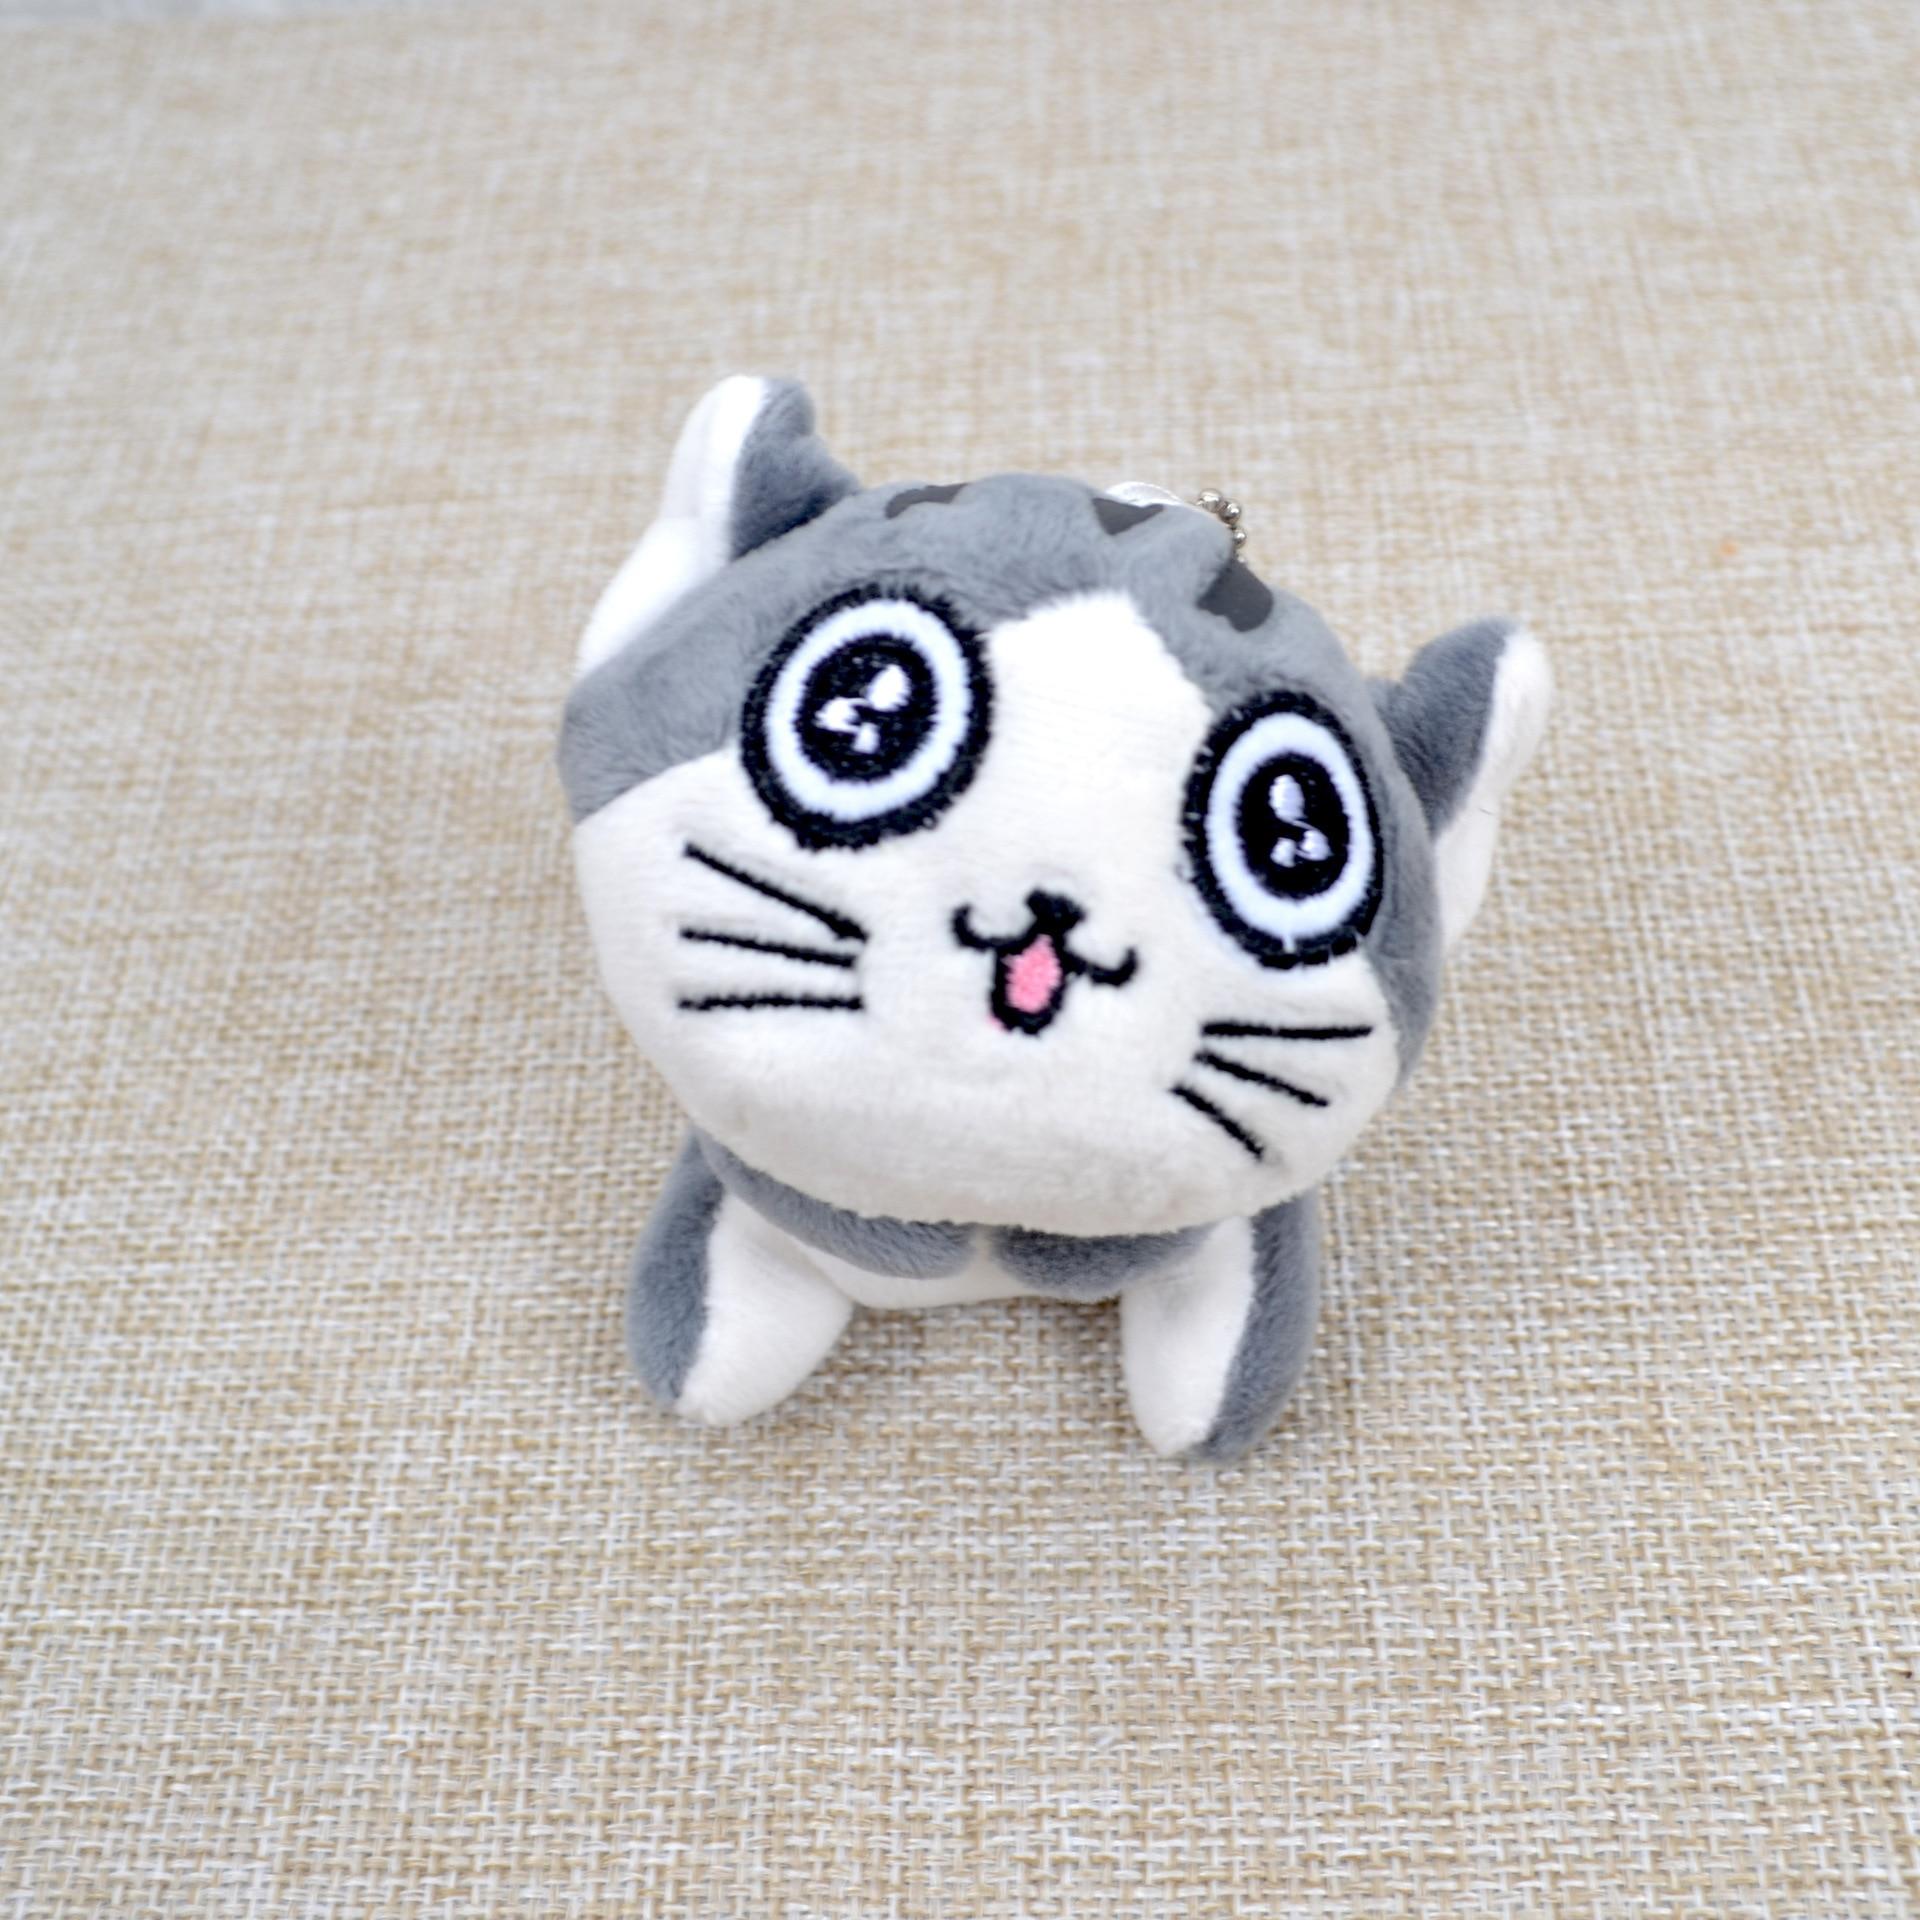 Kawaii серый сидя 9 см кошка плюшевые мягкие игрушки, букет подарок мягкая плюшевая кошка кукла, брелок с котом плюшевая игрушка цветок кошка кукла подарок